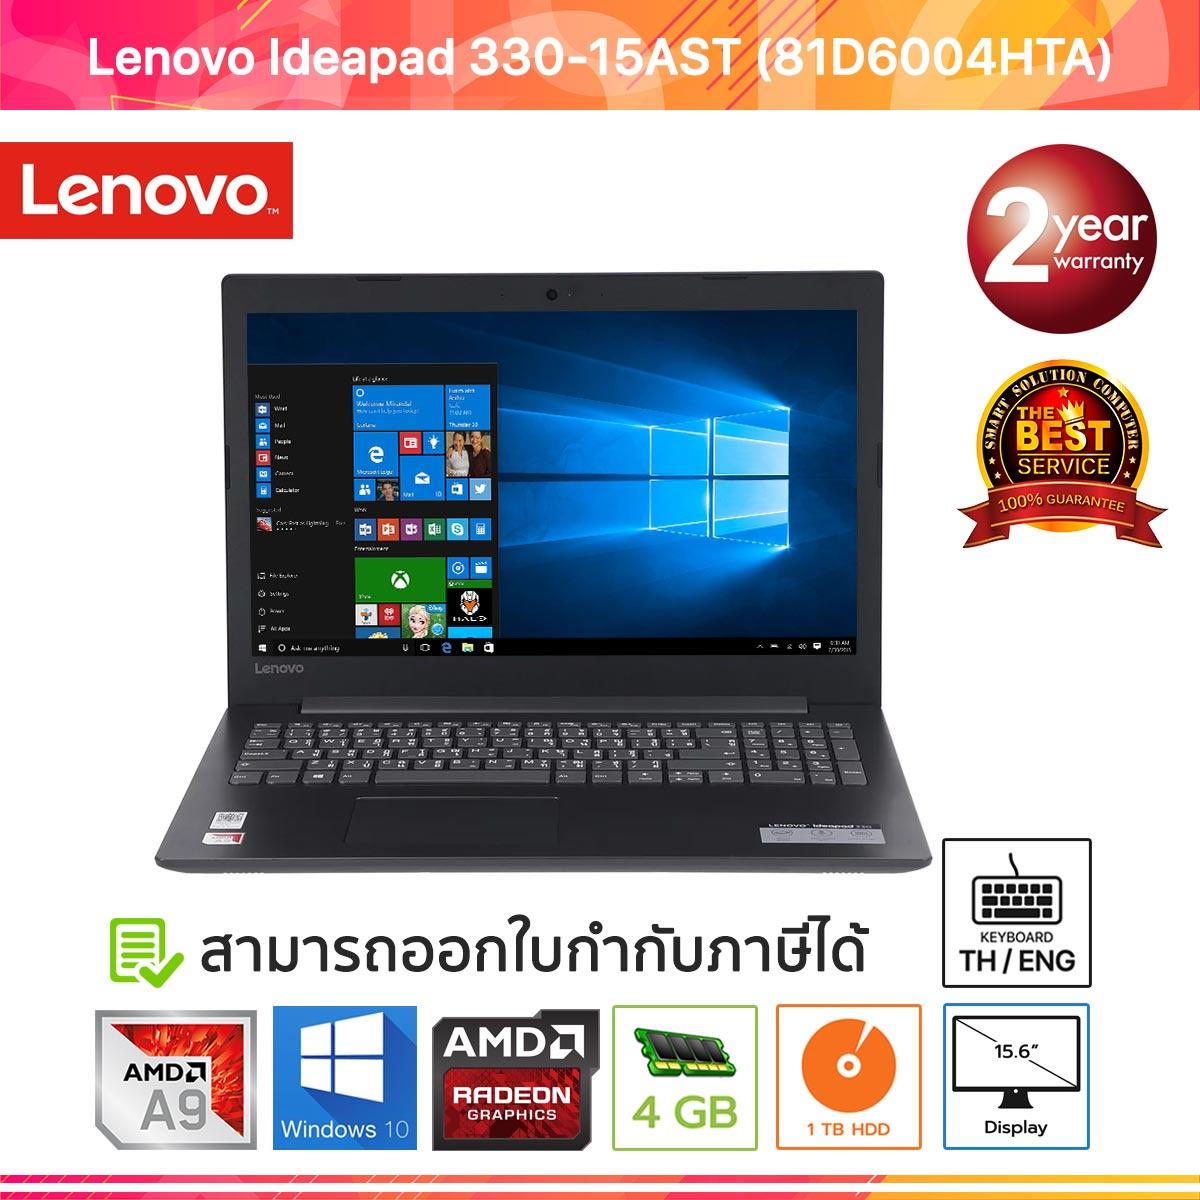 Lenovo Ideapad 330-15AST (81D6004HTA) AMD A9-9425/4GB/1TB/Radeon R5/15.6/Win10 (Onyx Black)